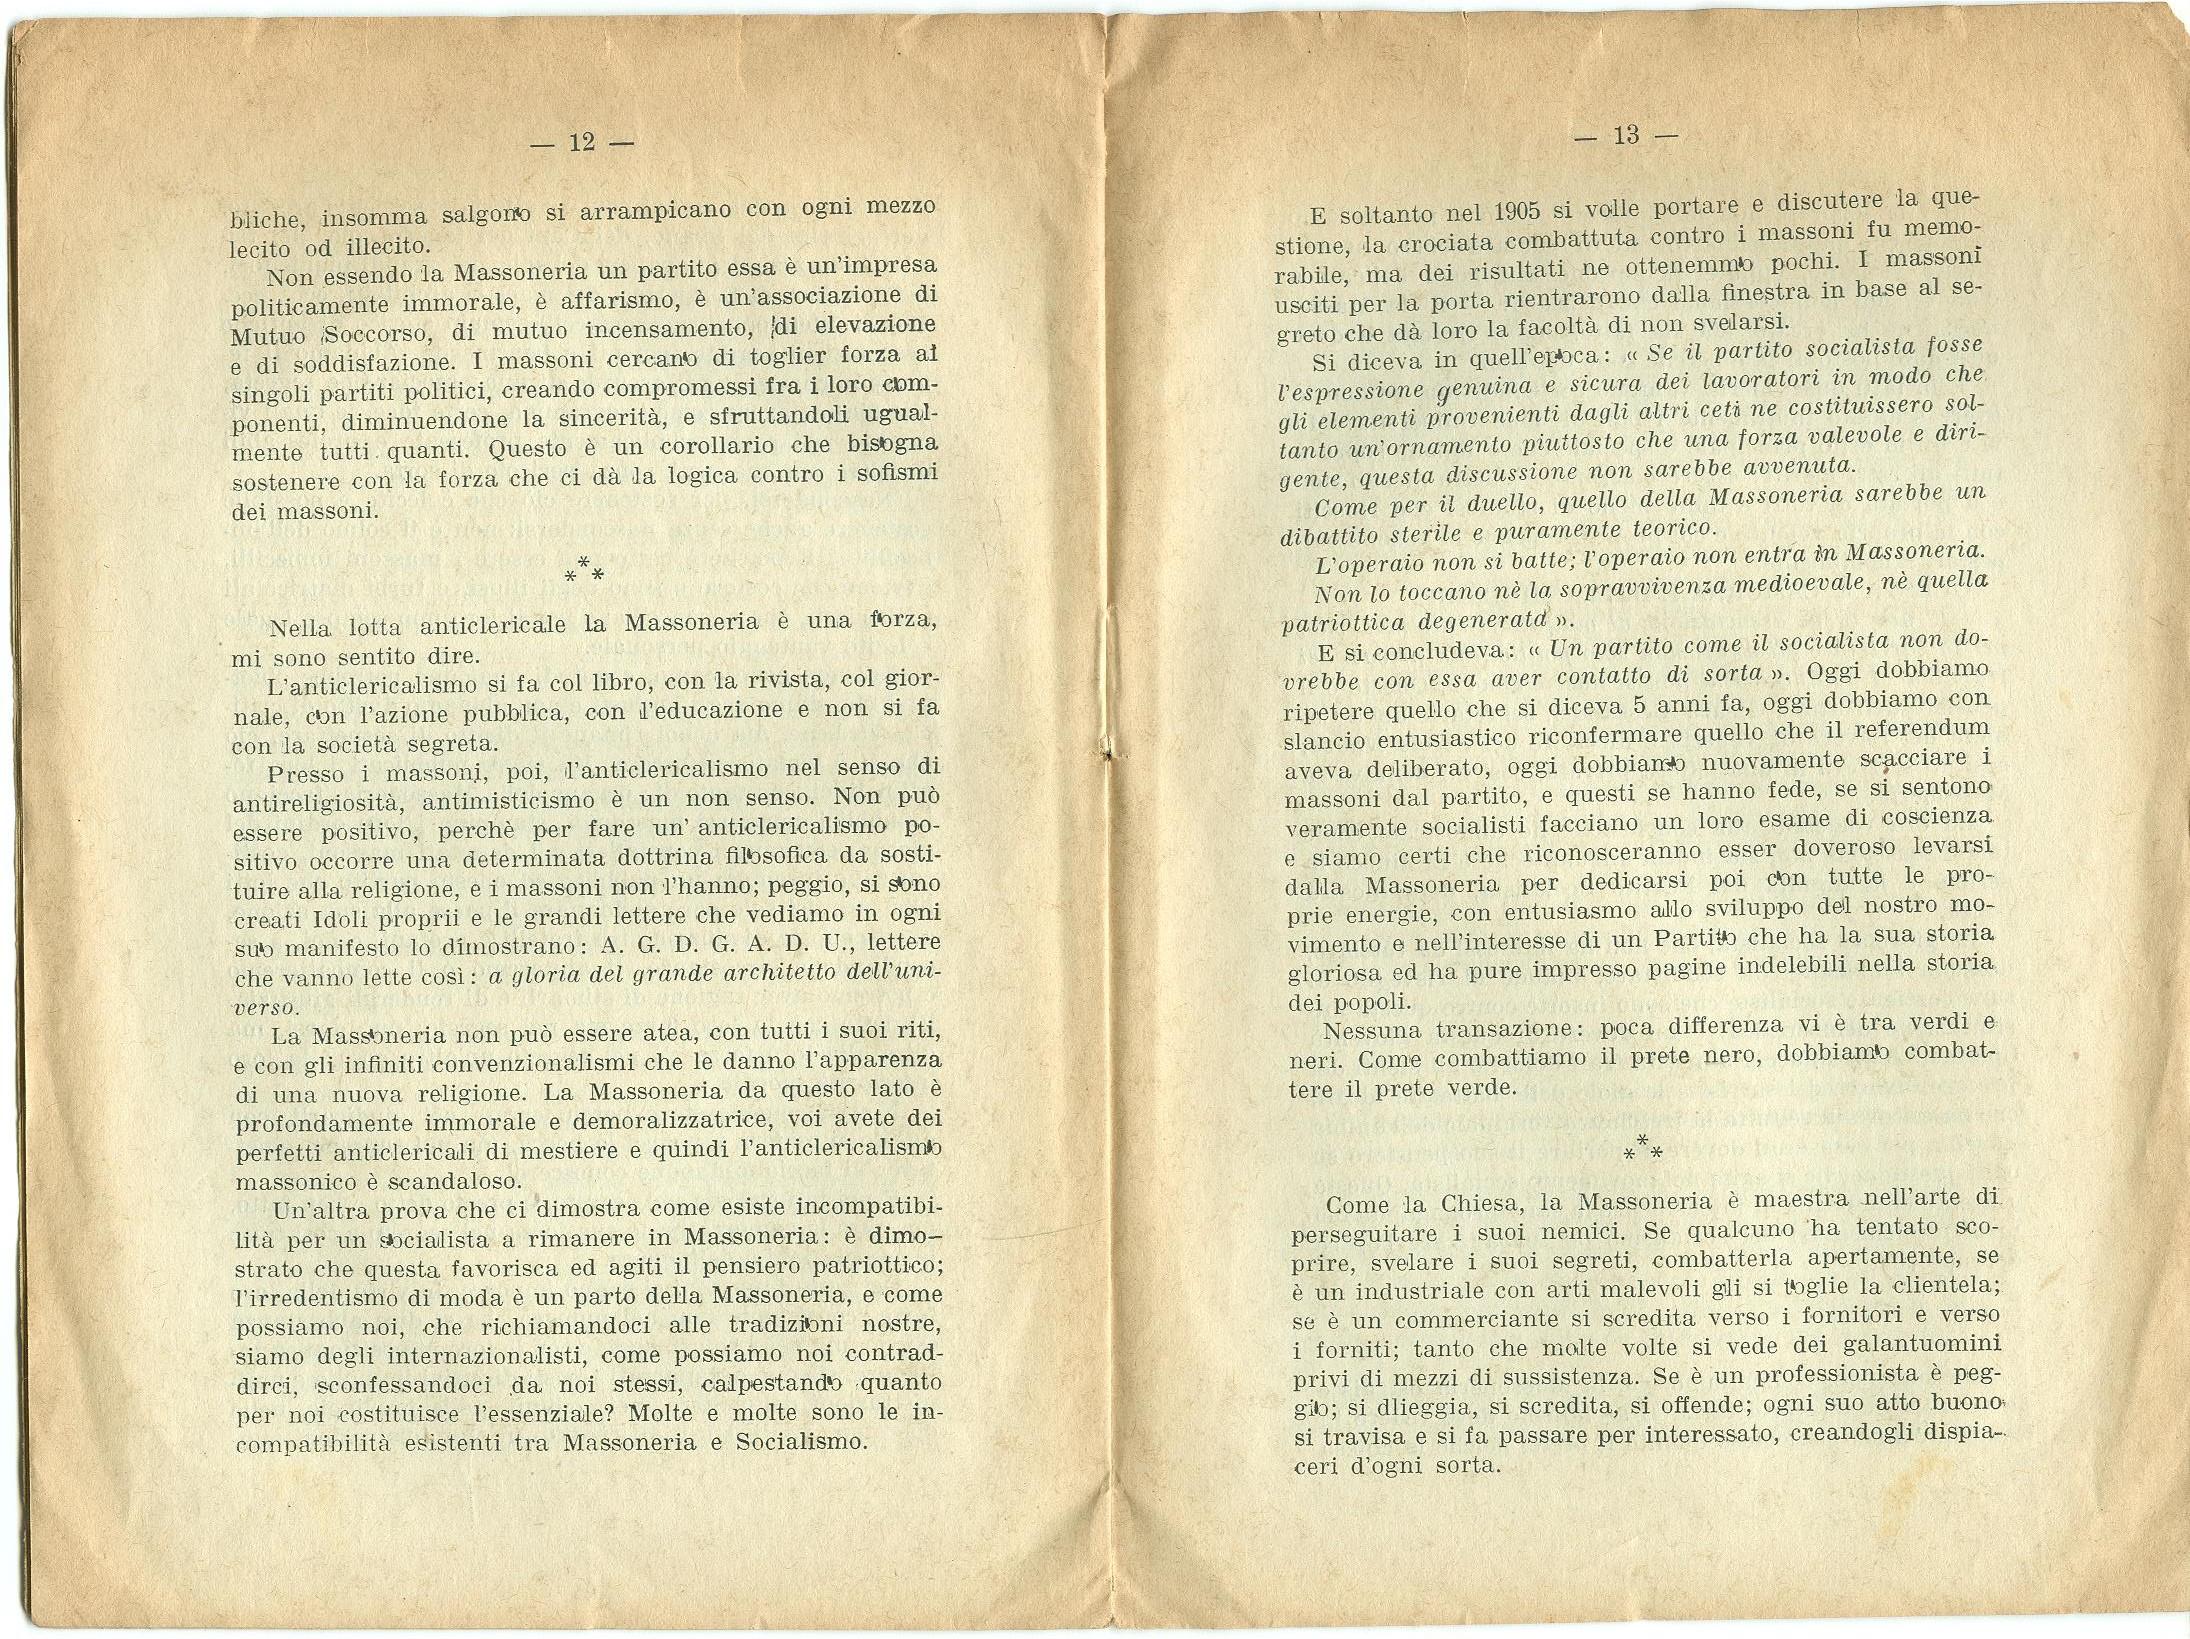 Guido Feroci, Socialismo e Massoneria (1910) - pag. 8